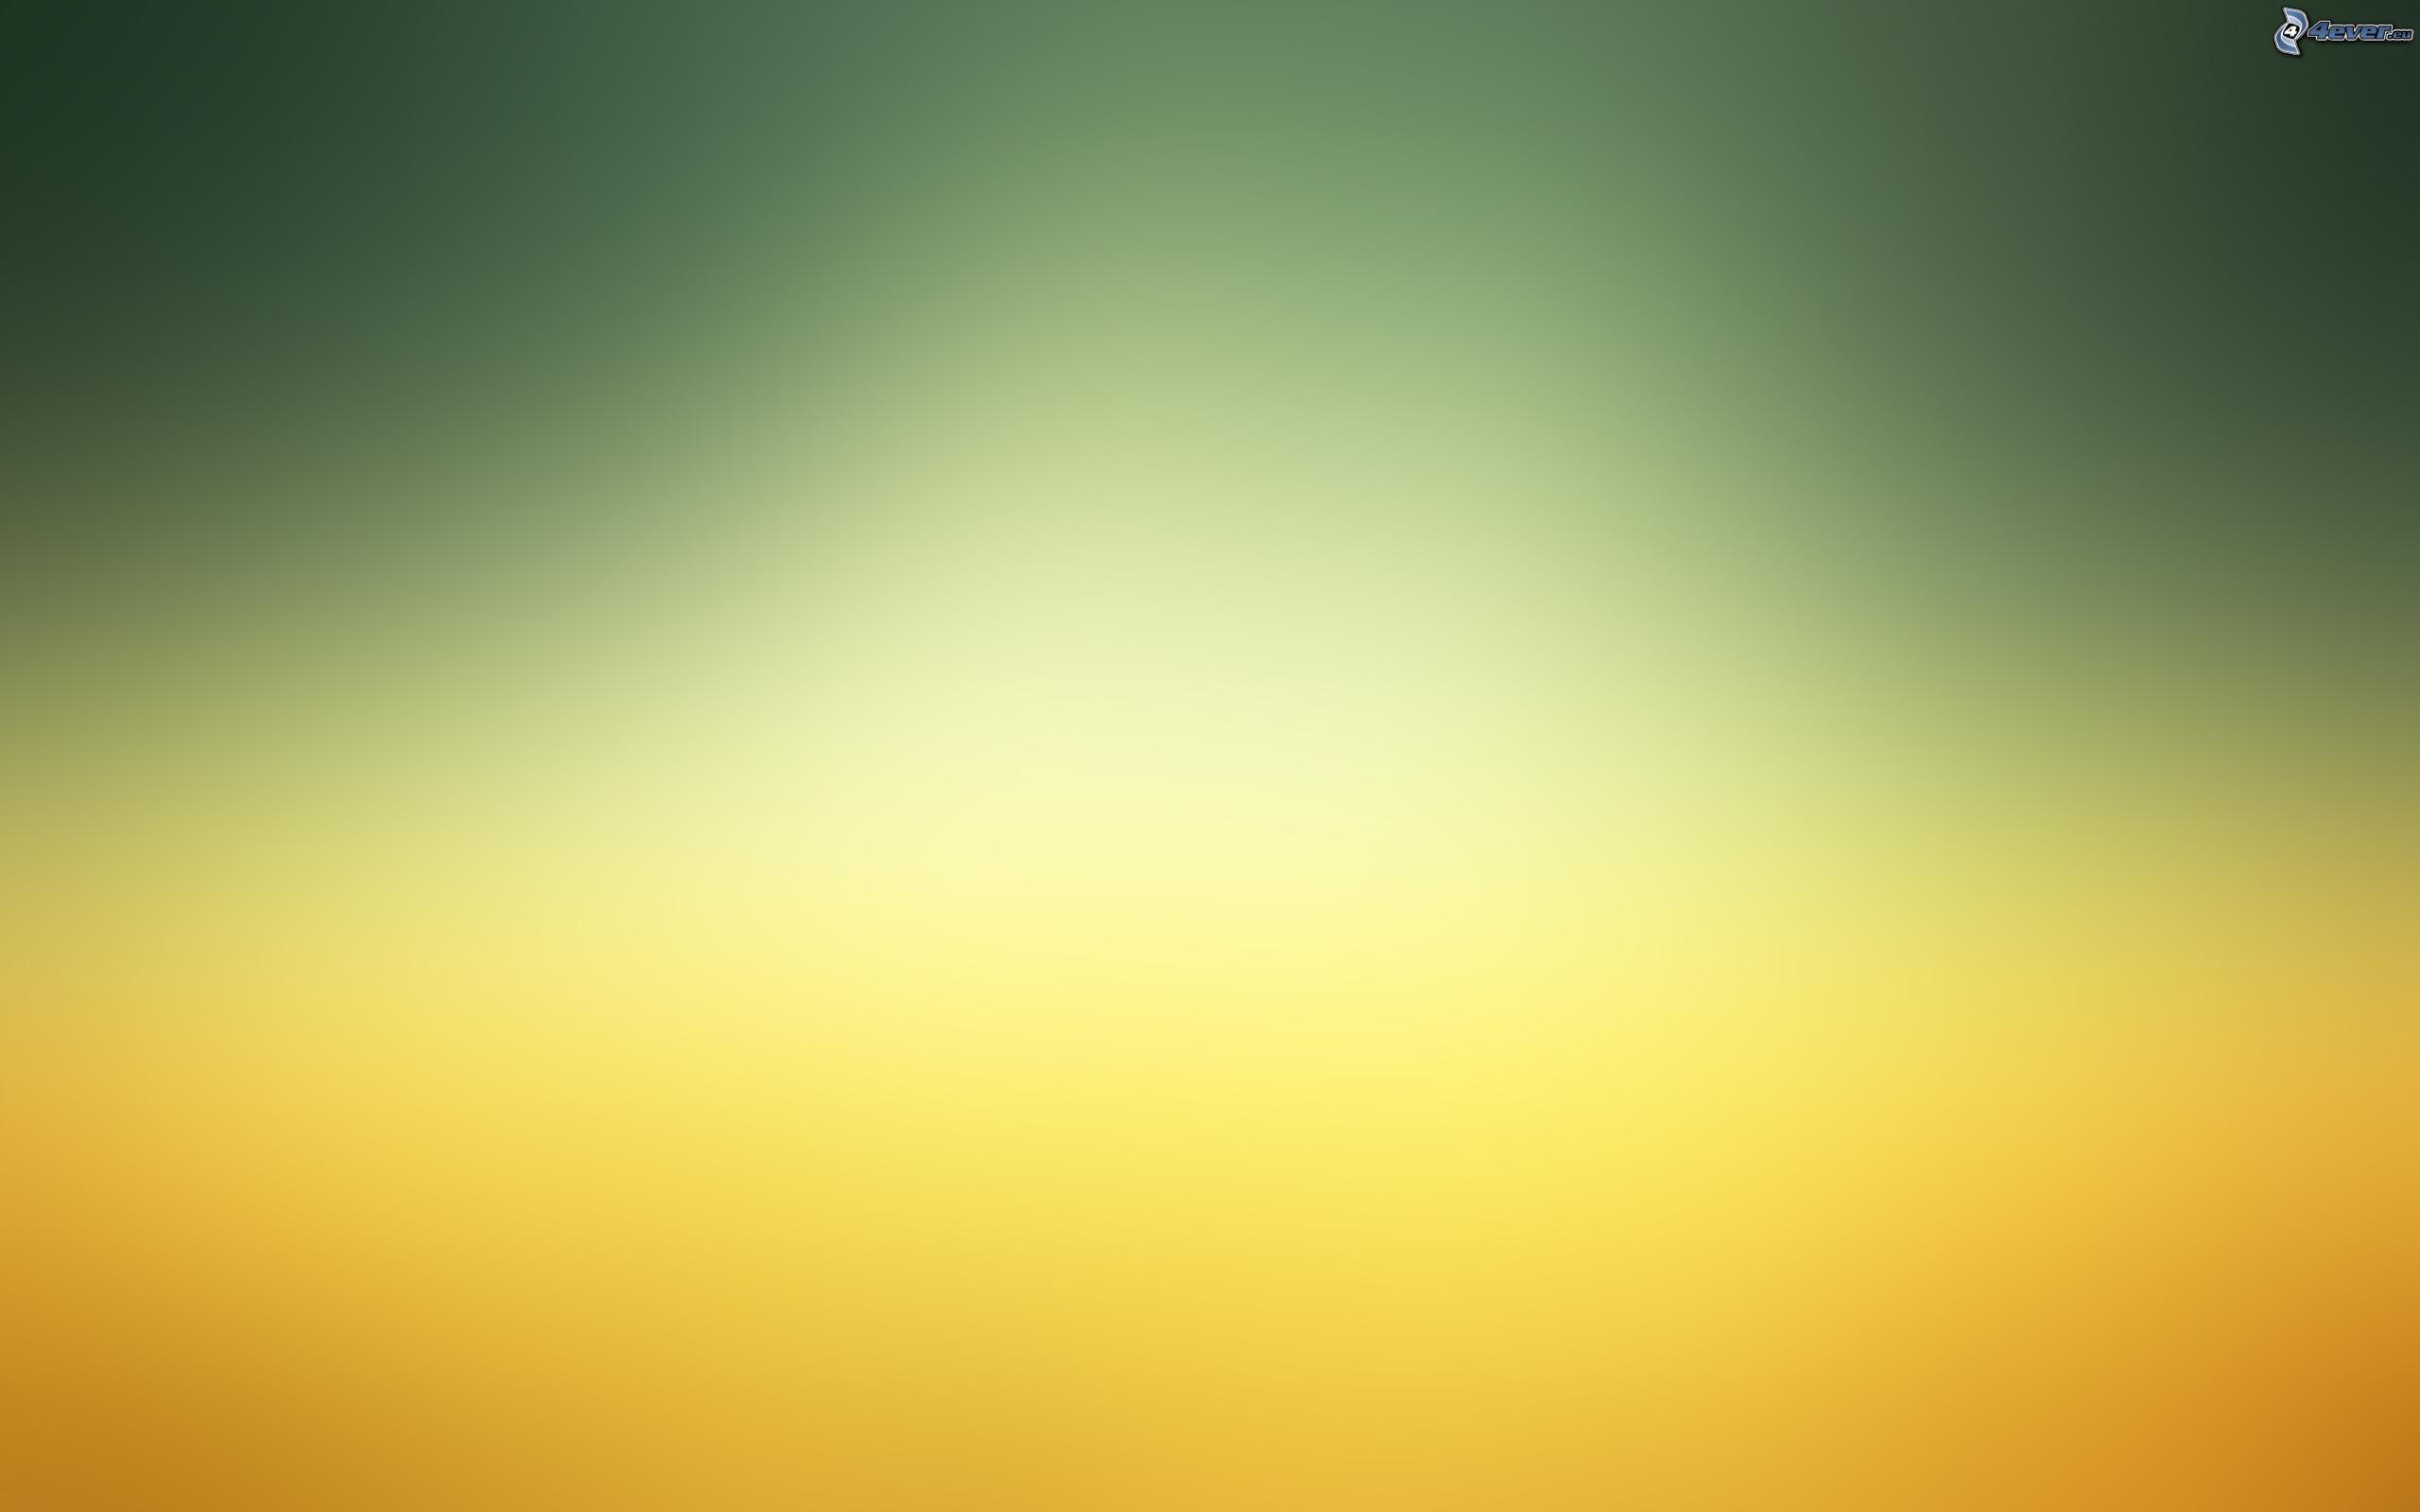 abstrakt dunklen hintergrund bilder - photo #41